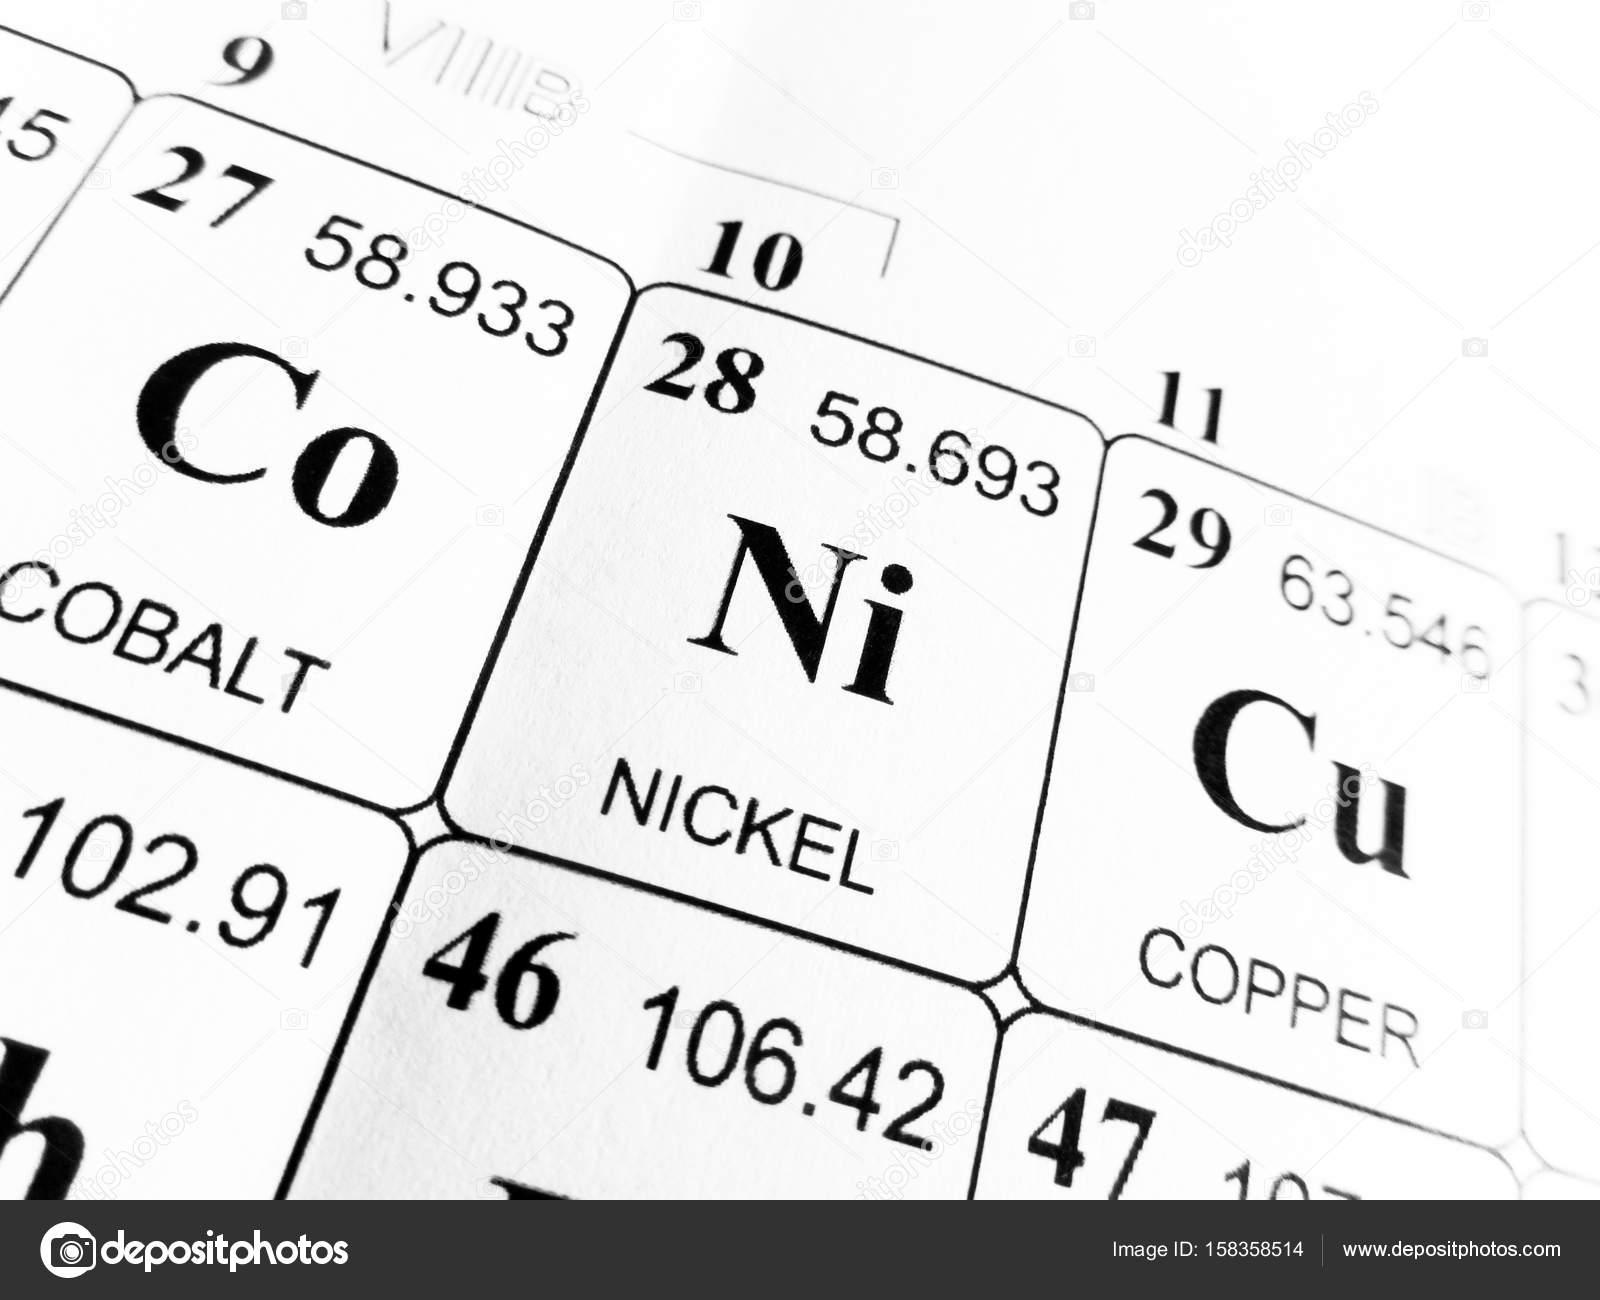 Nquel de la tabla peridica de los elementos foto de stock nquel de la tabla peridica de los elementos foto de stock urtaz Images